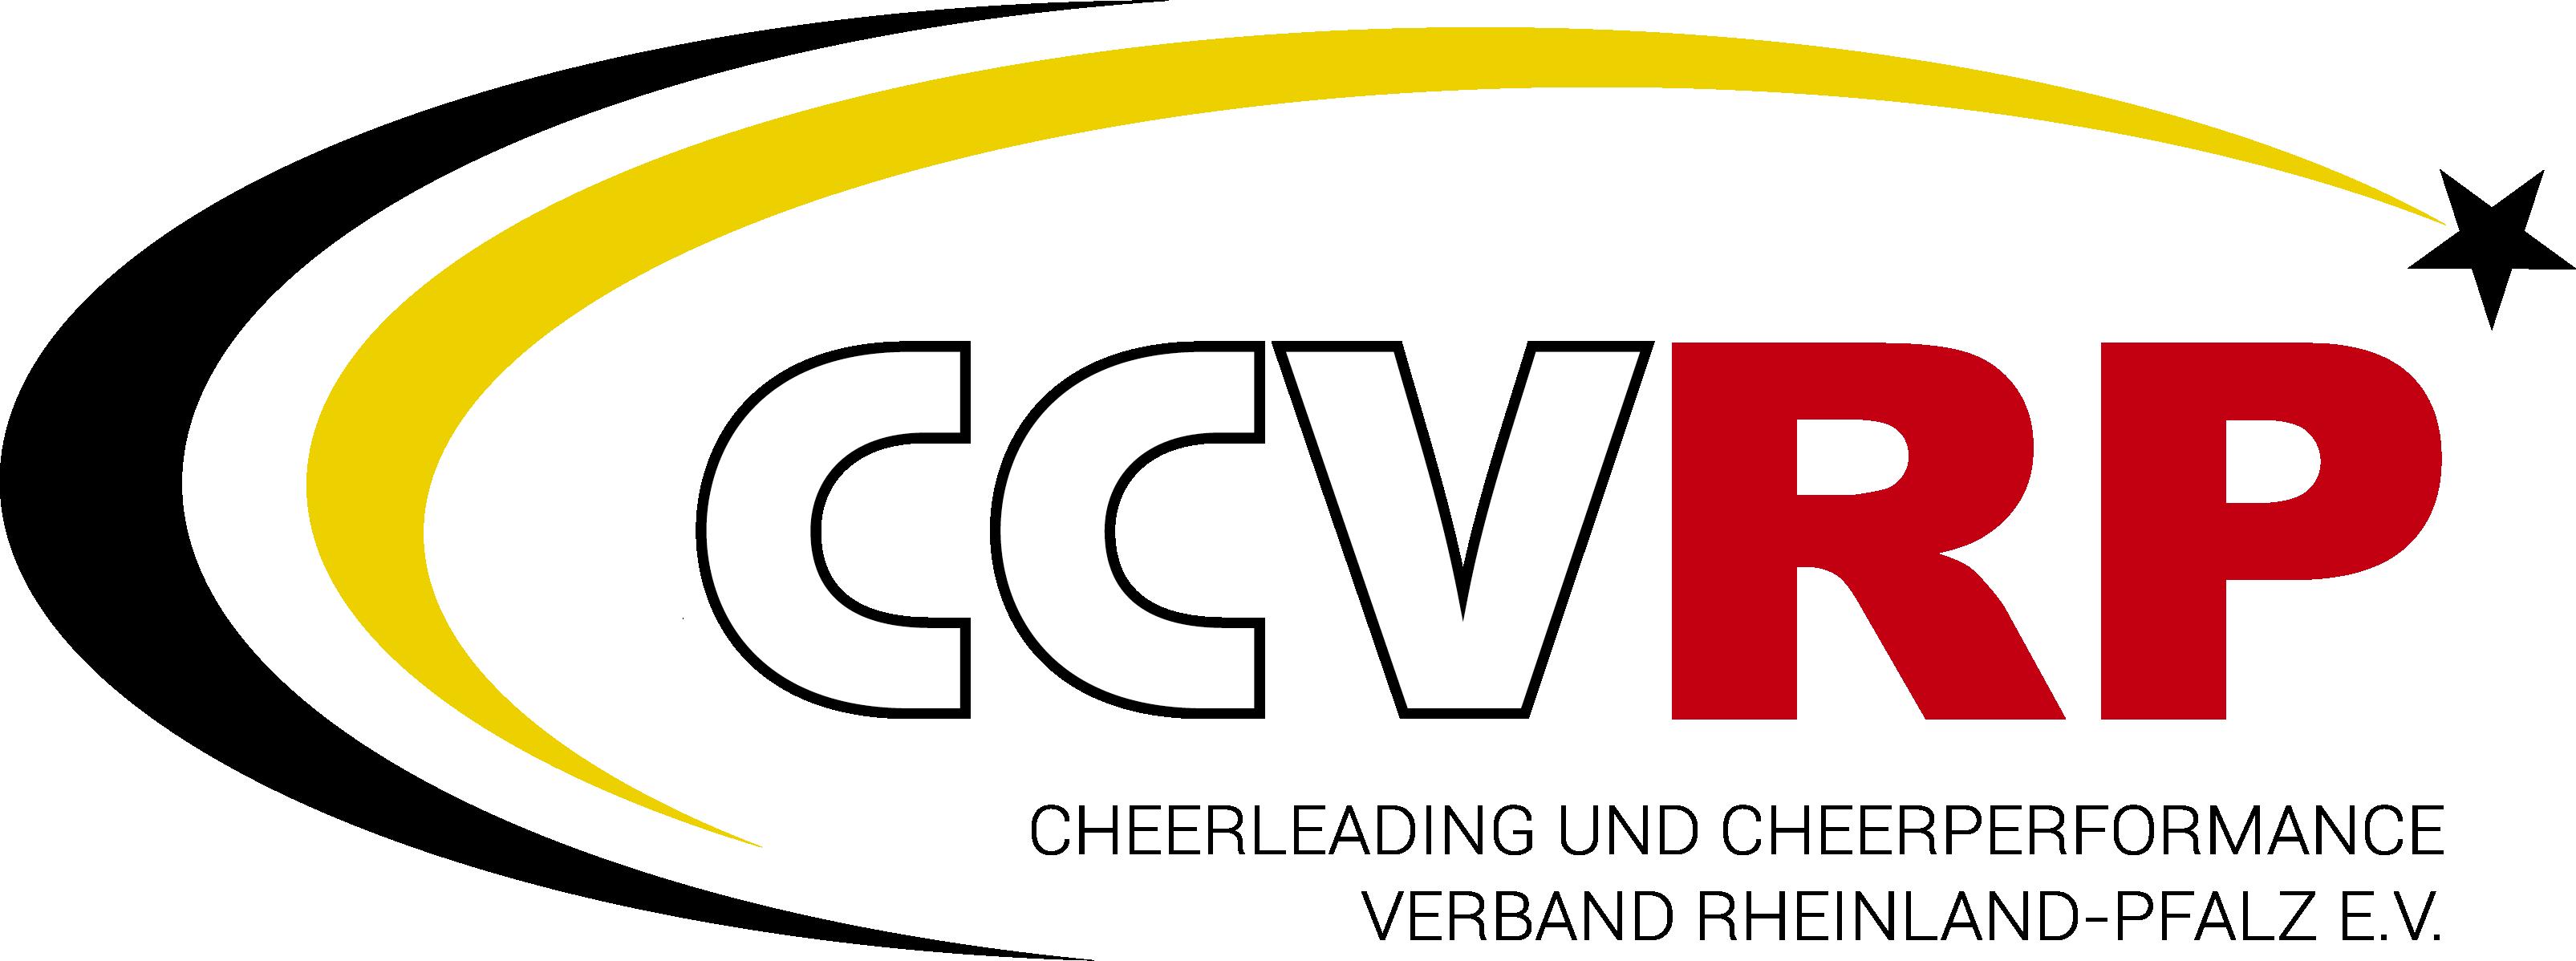 Cheerleading und Cheerperformance Verband Rheinland-Pfalz e.V.